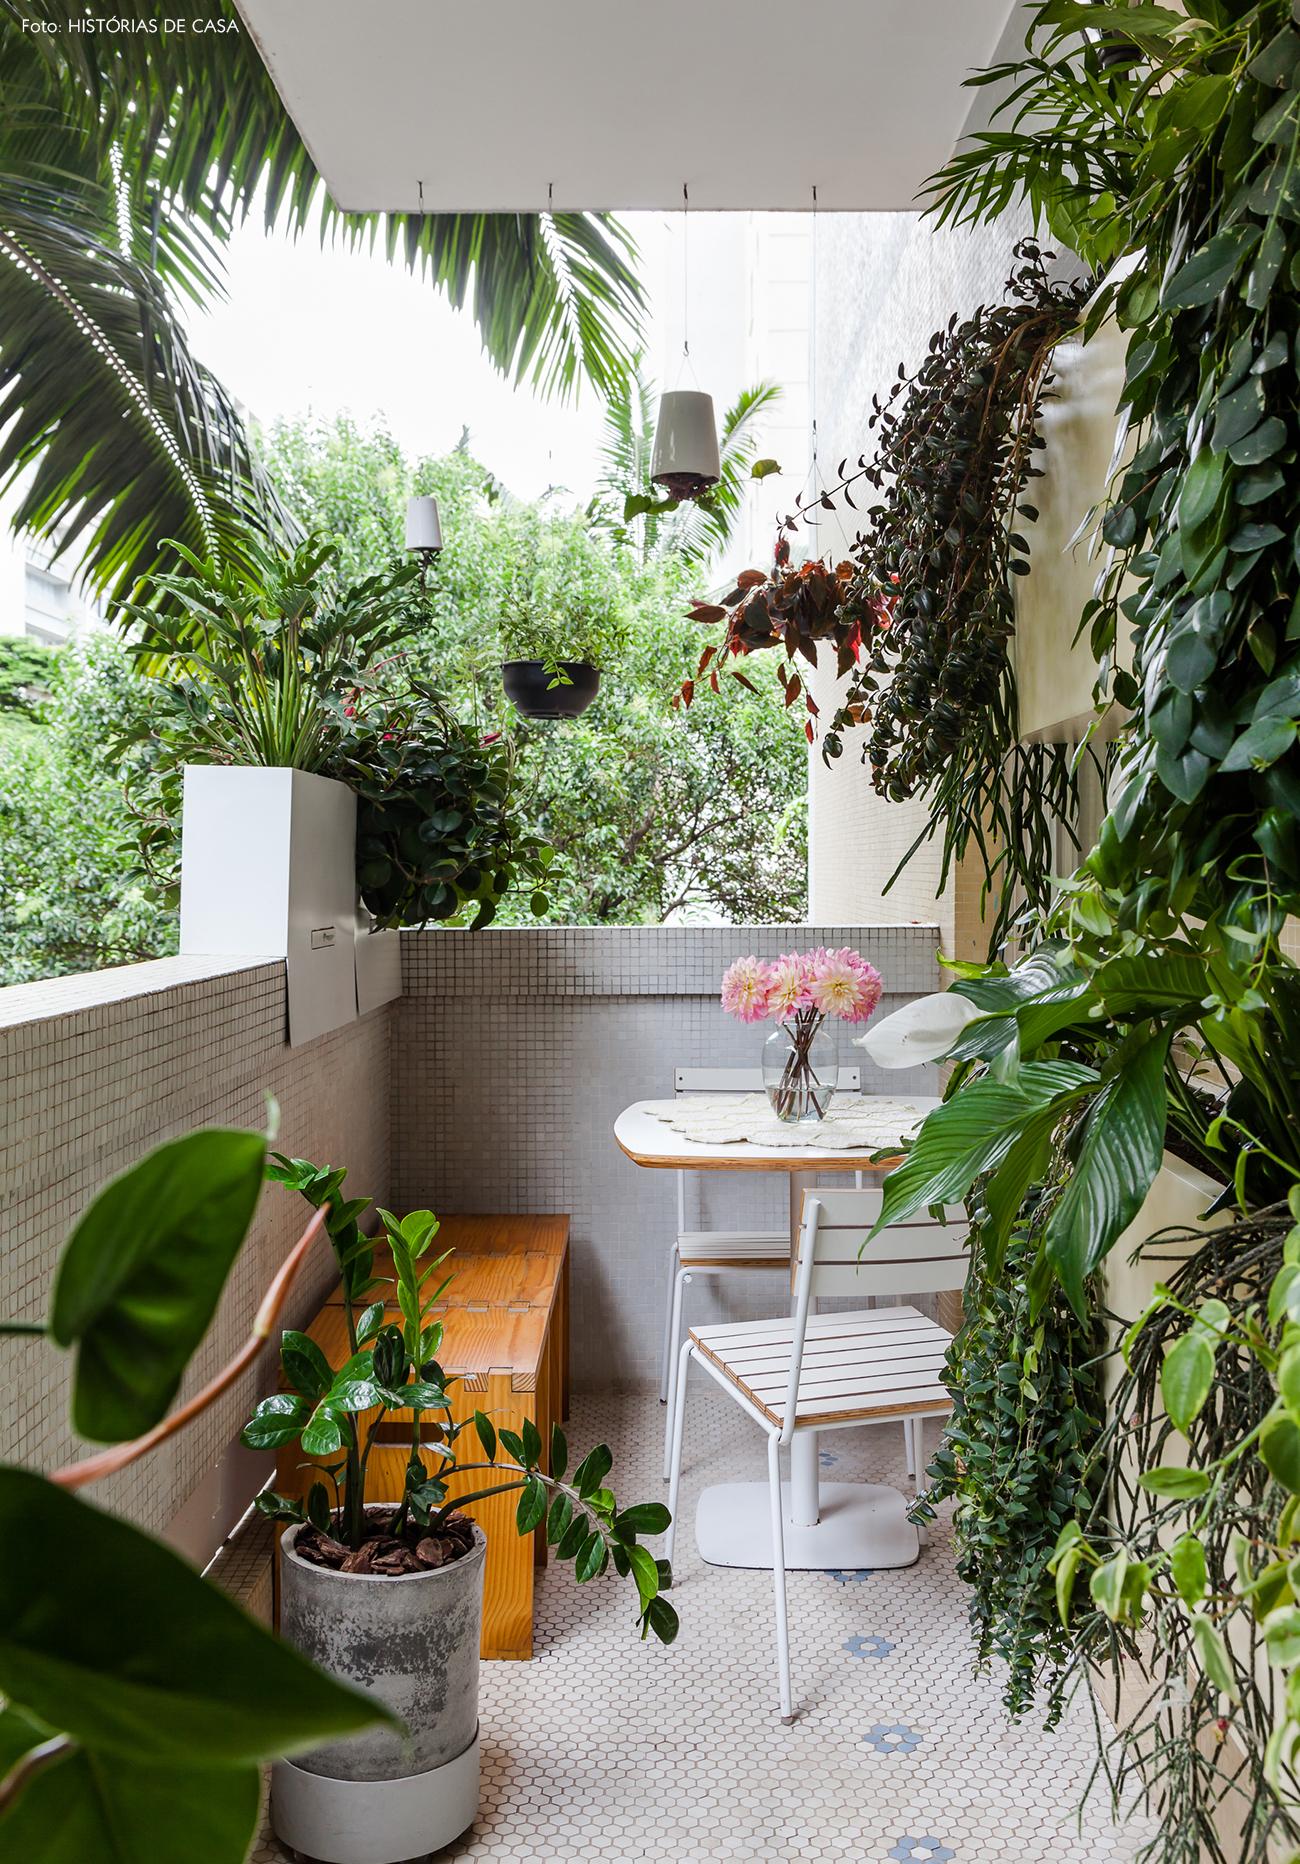 Varanda com muitas plantas